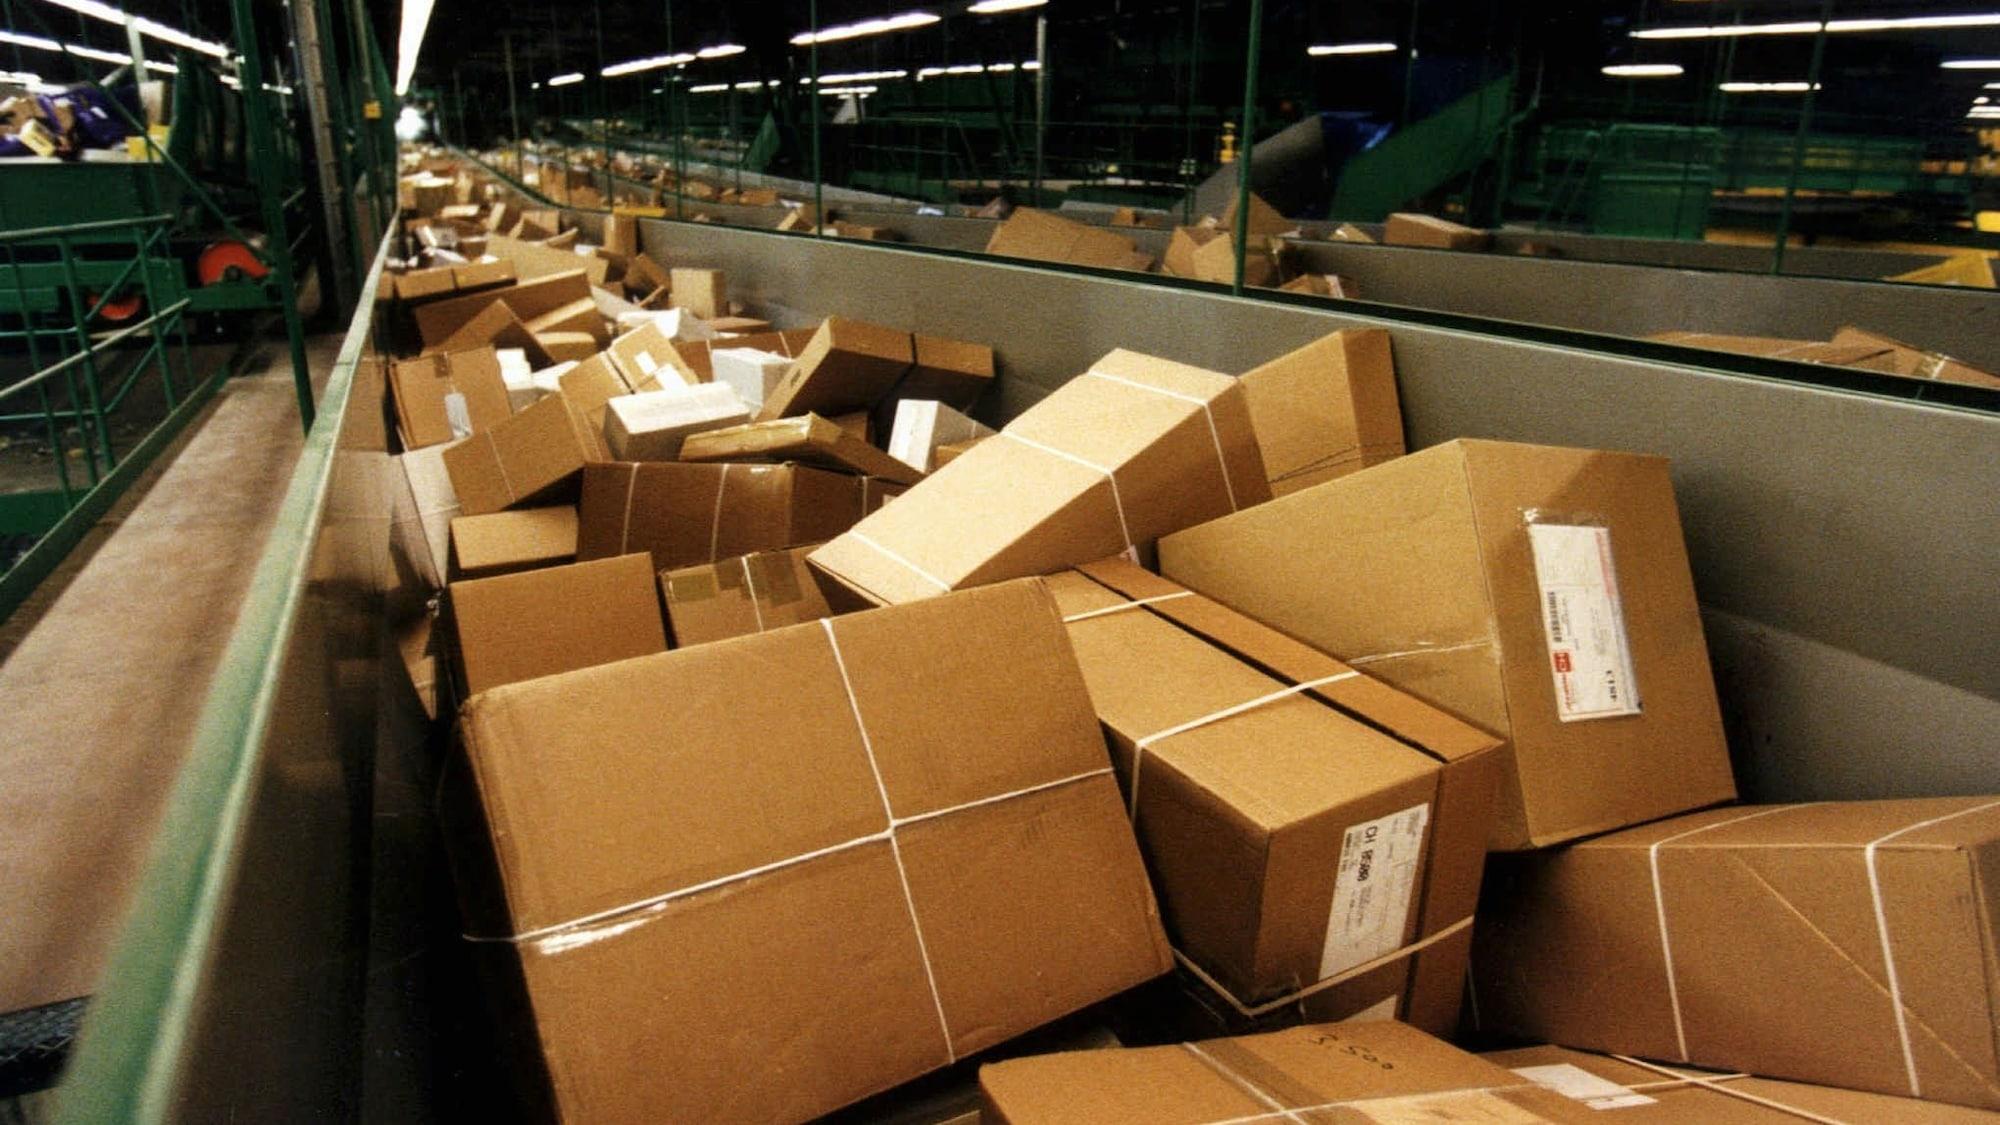 BLICK beantwortet Fragen zum Wuhan-Virus: Sind Päckli aus China Corona-verseucht?